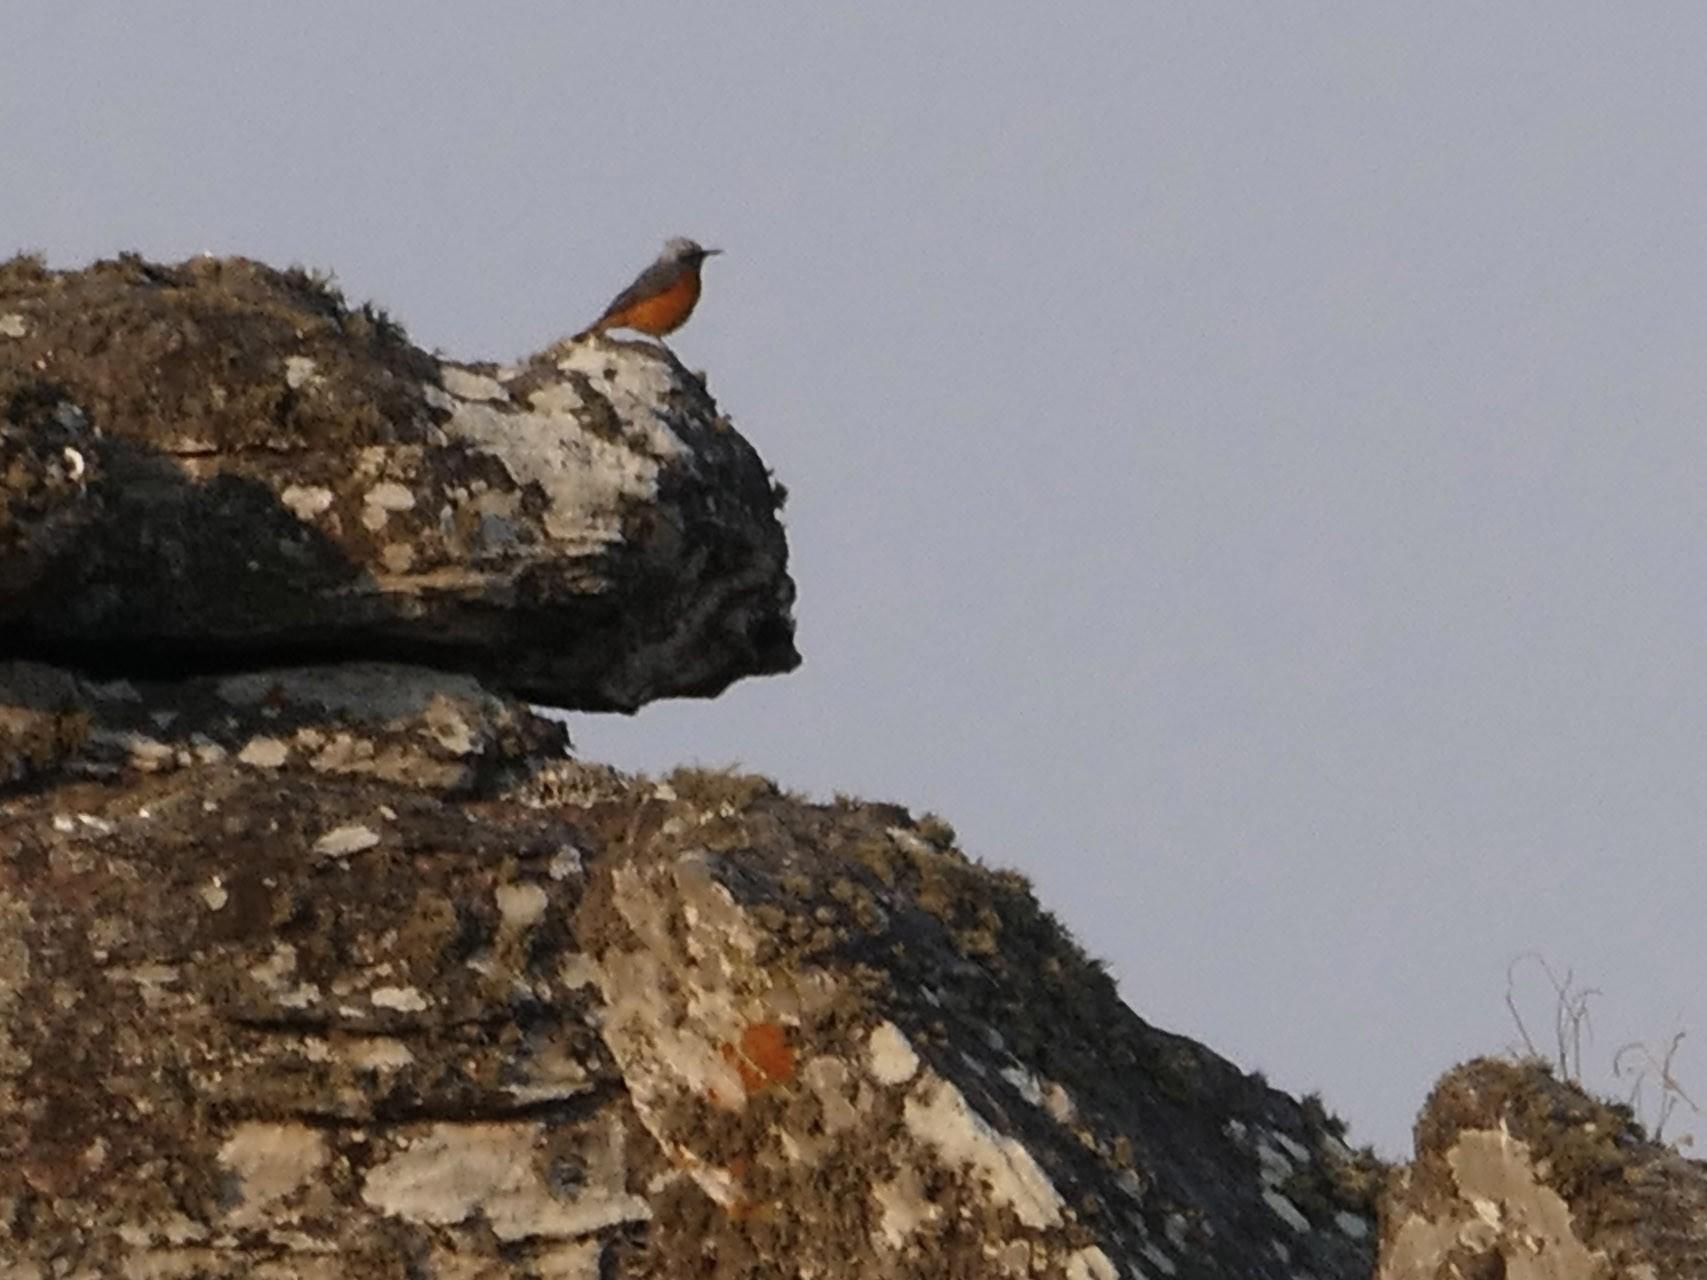 Short-toed Rock-Thrush - Peter Kaestner